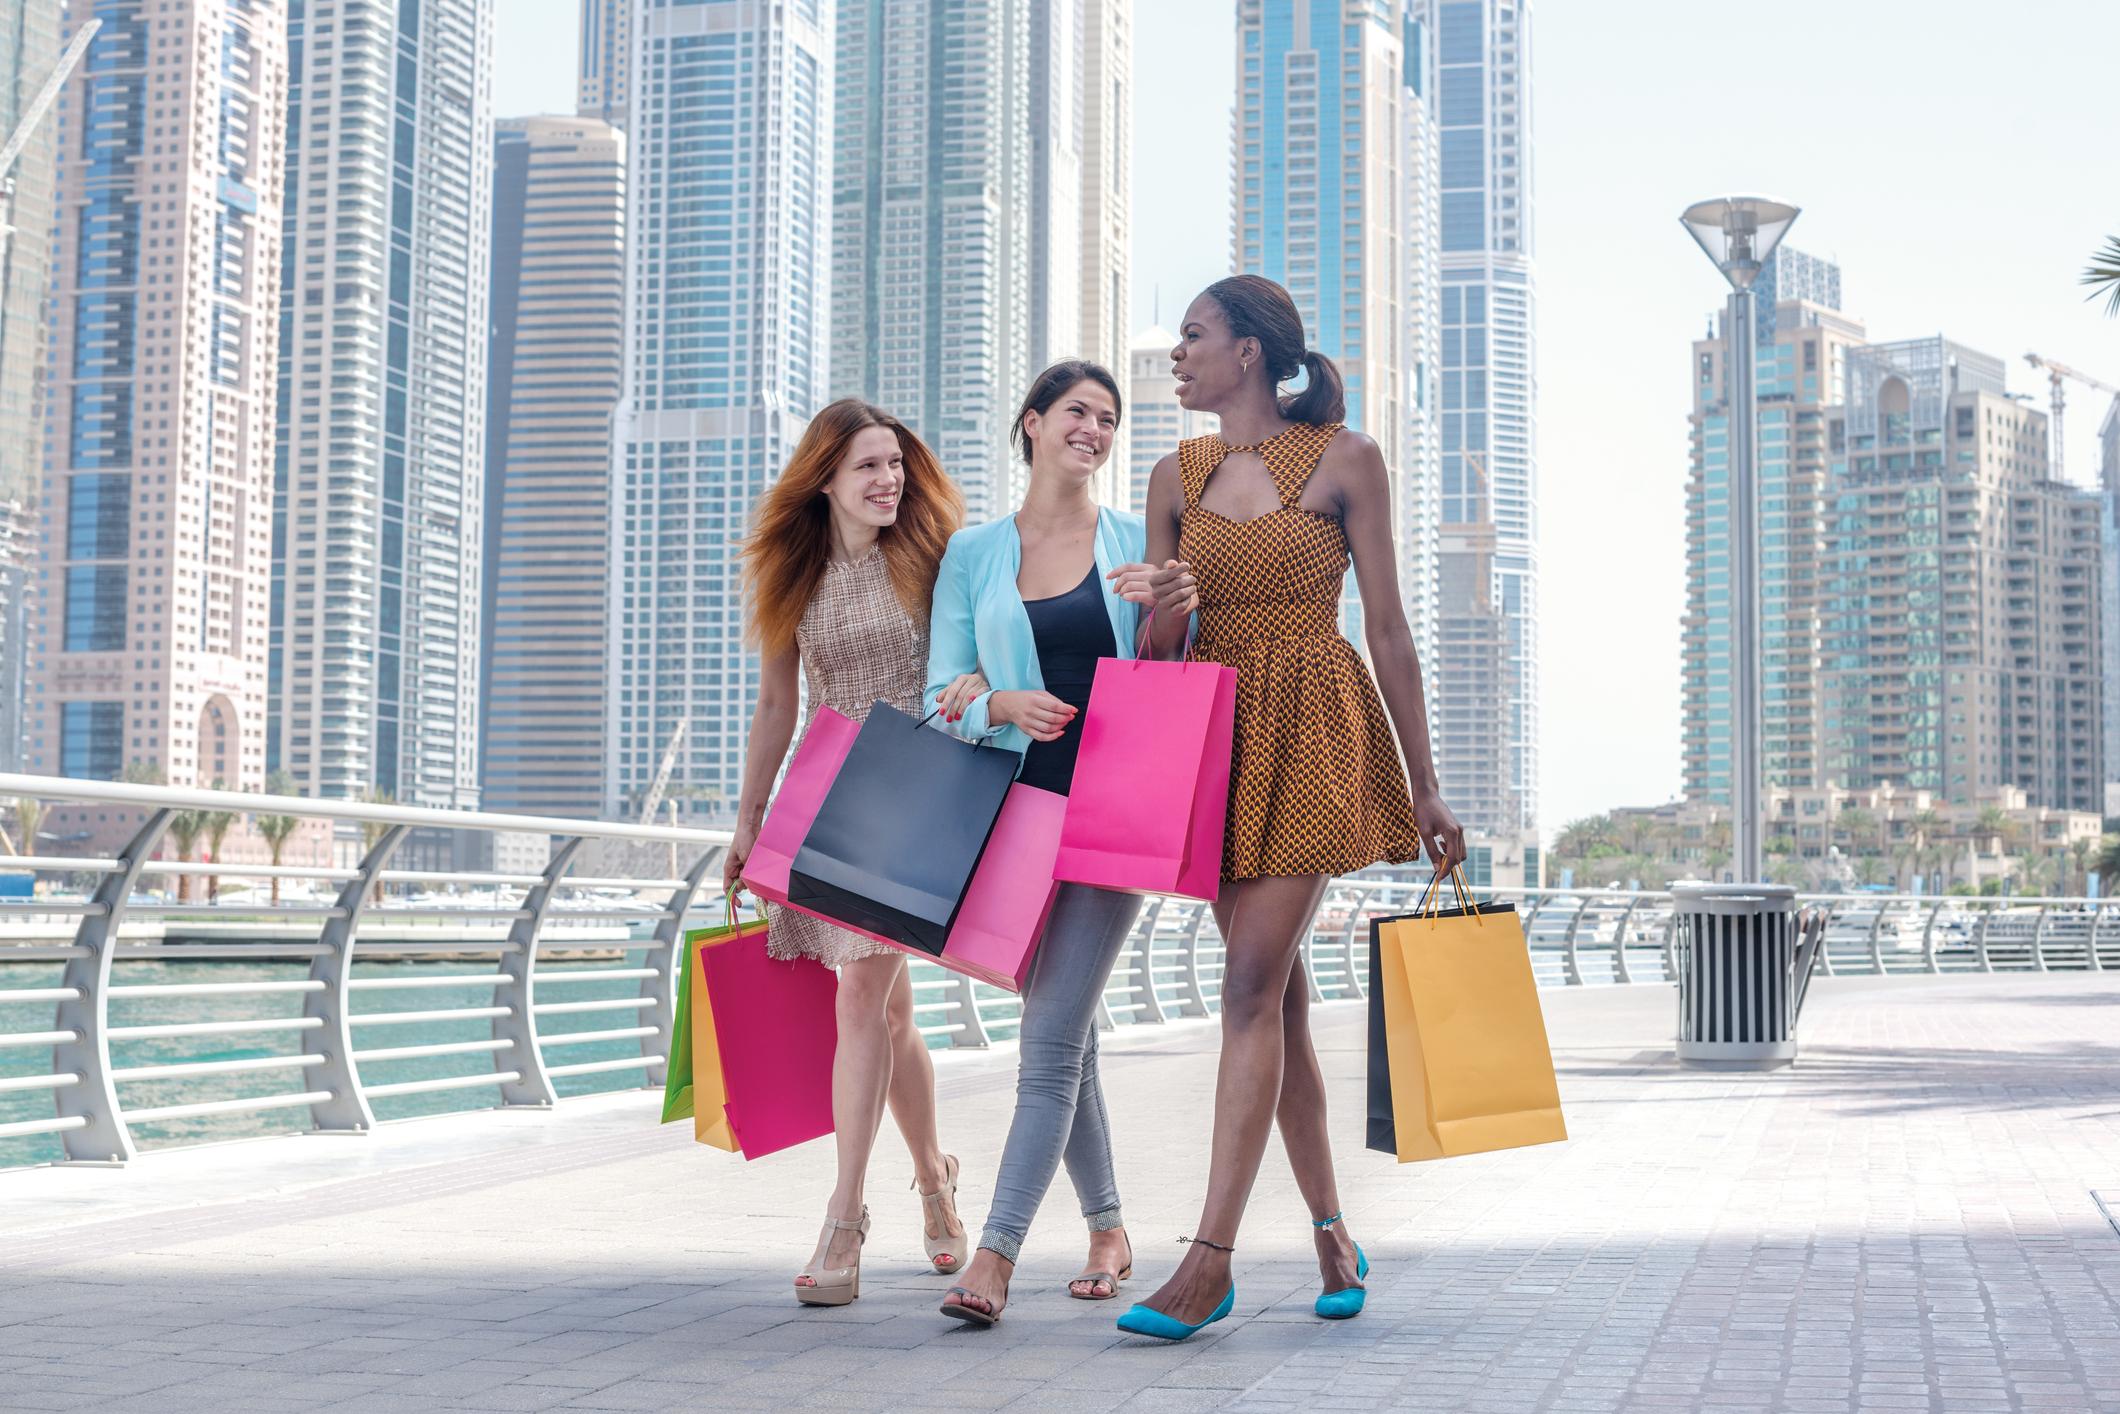 Three young women go shopping.